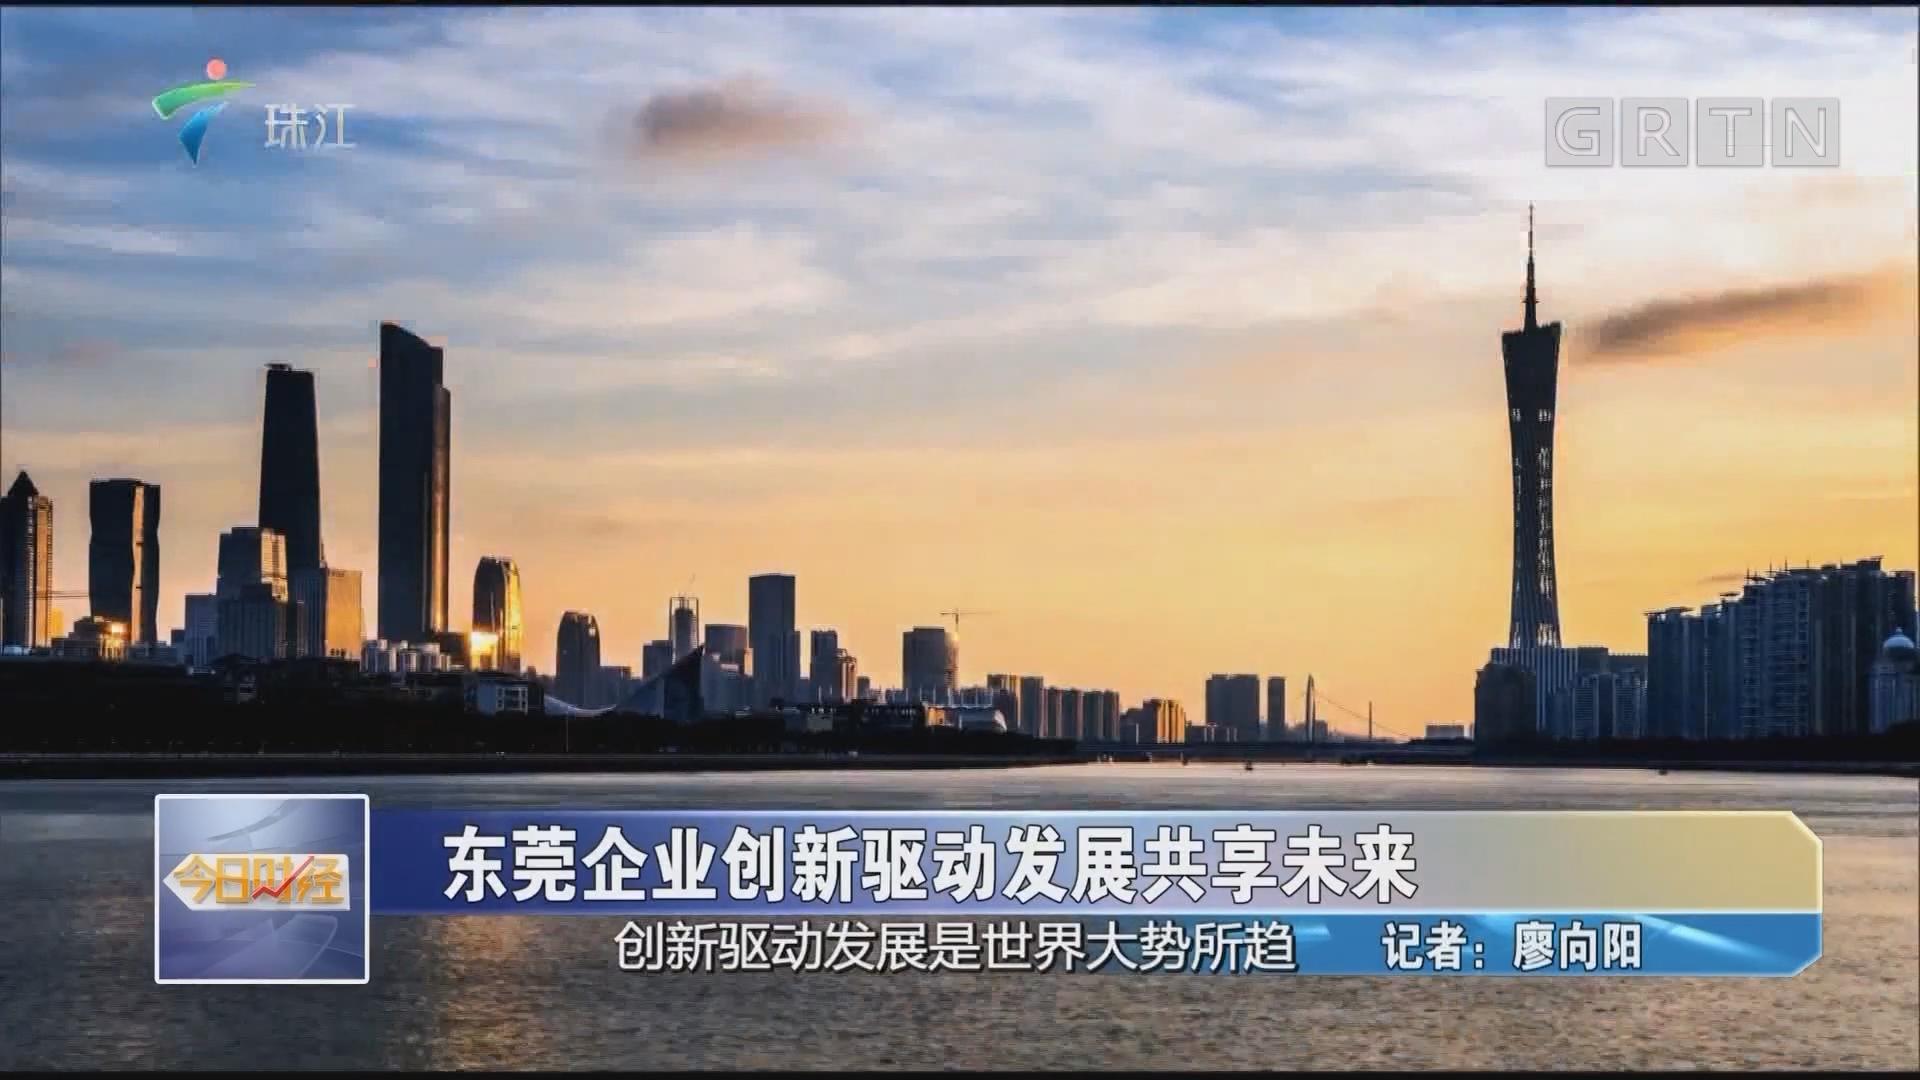 东莞企业创新驱动发展共享未来